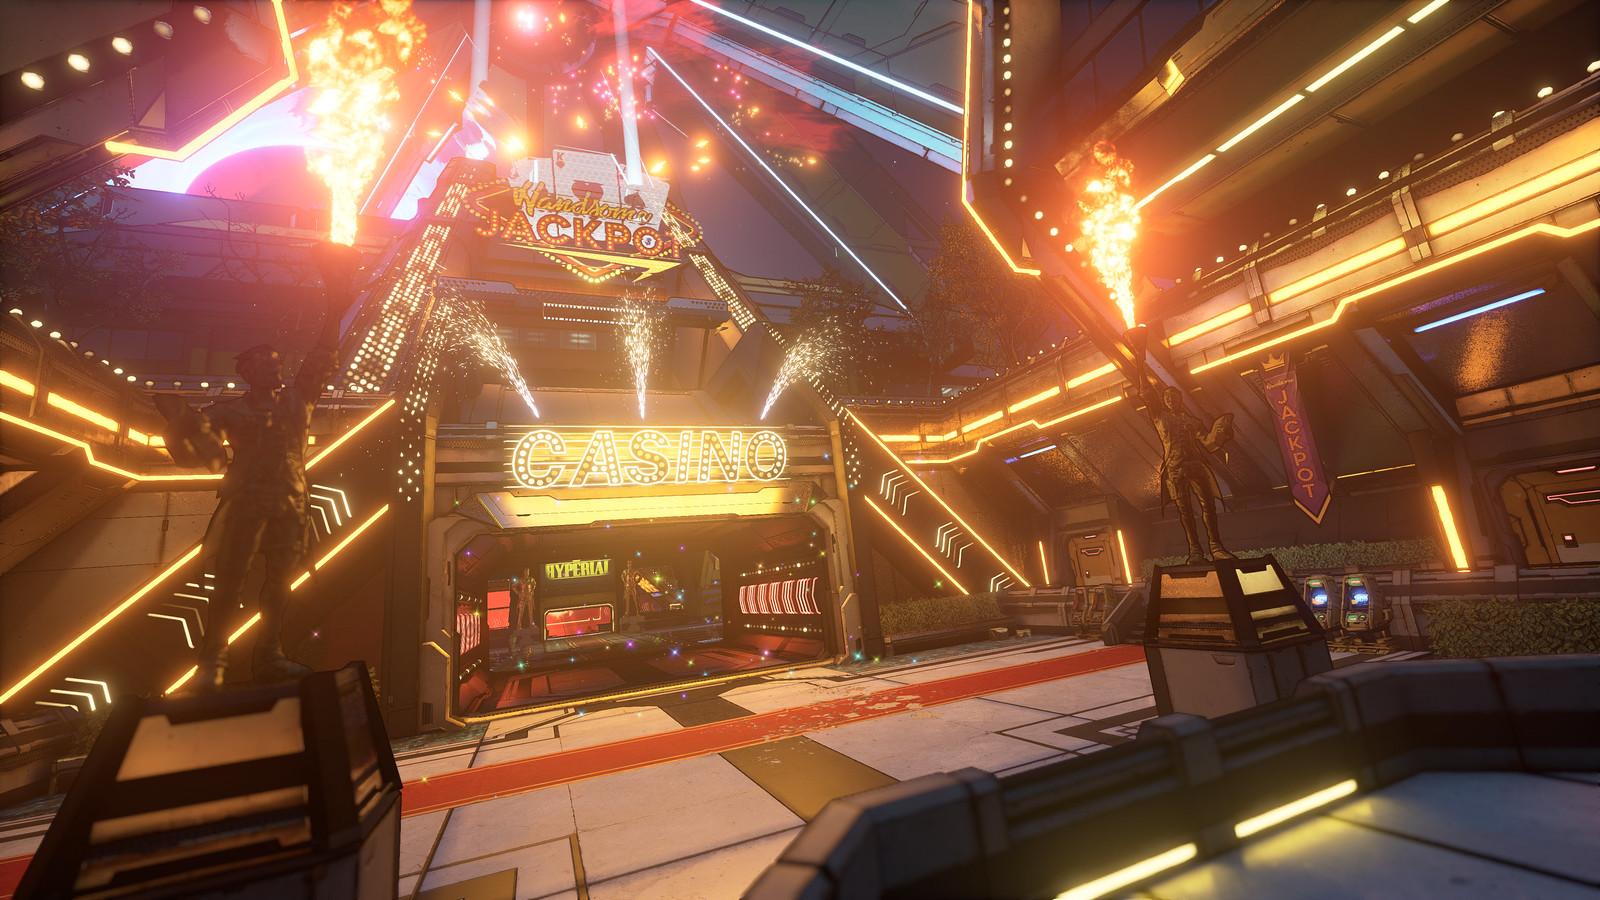 49241536713 e8d5c5692a h - Räumt bei dem Borderlands 3-DLC Moxxis Überfall auf den Handsome Jackpot ein Casino aus